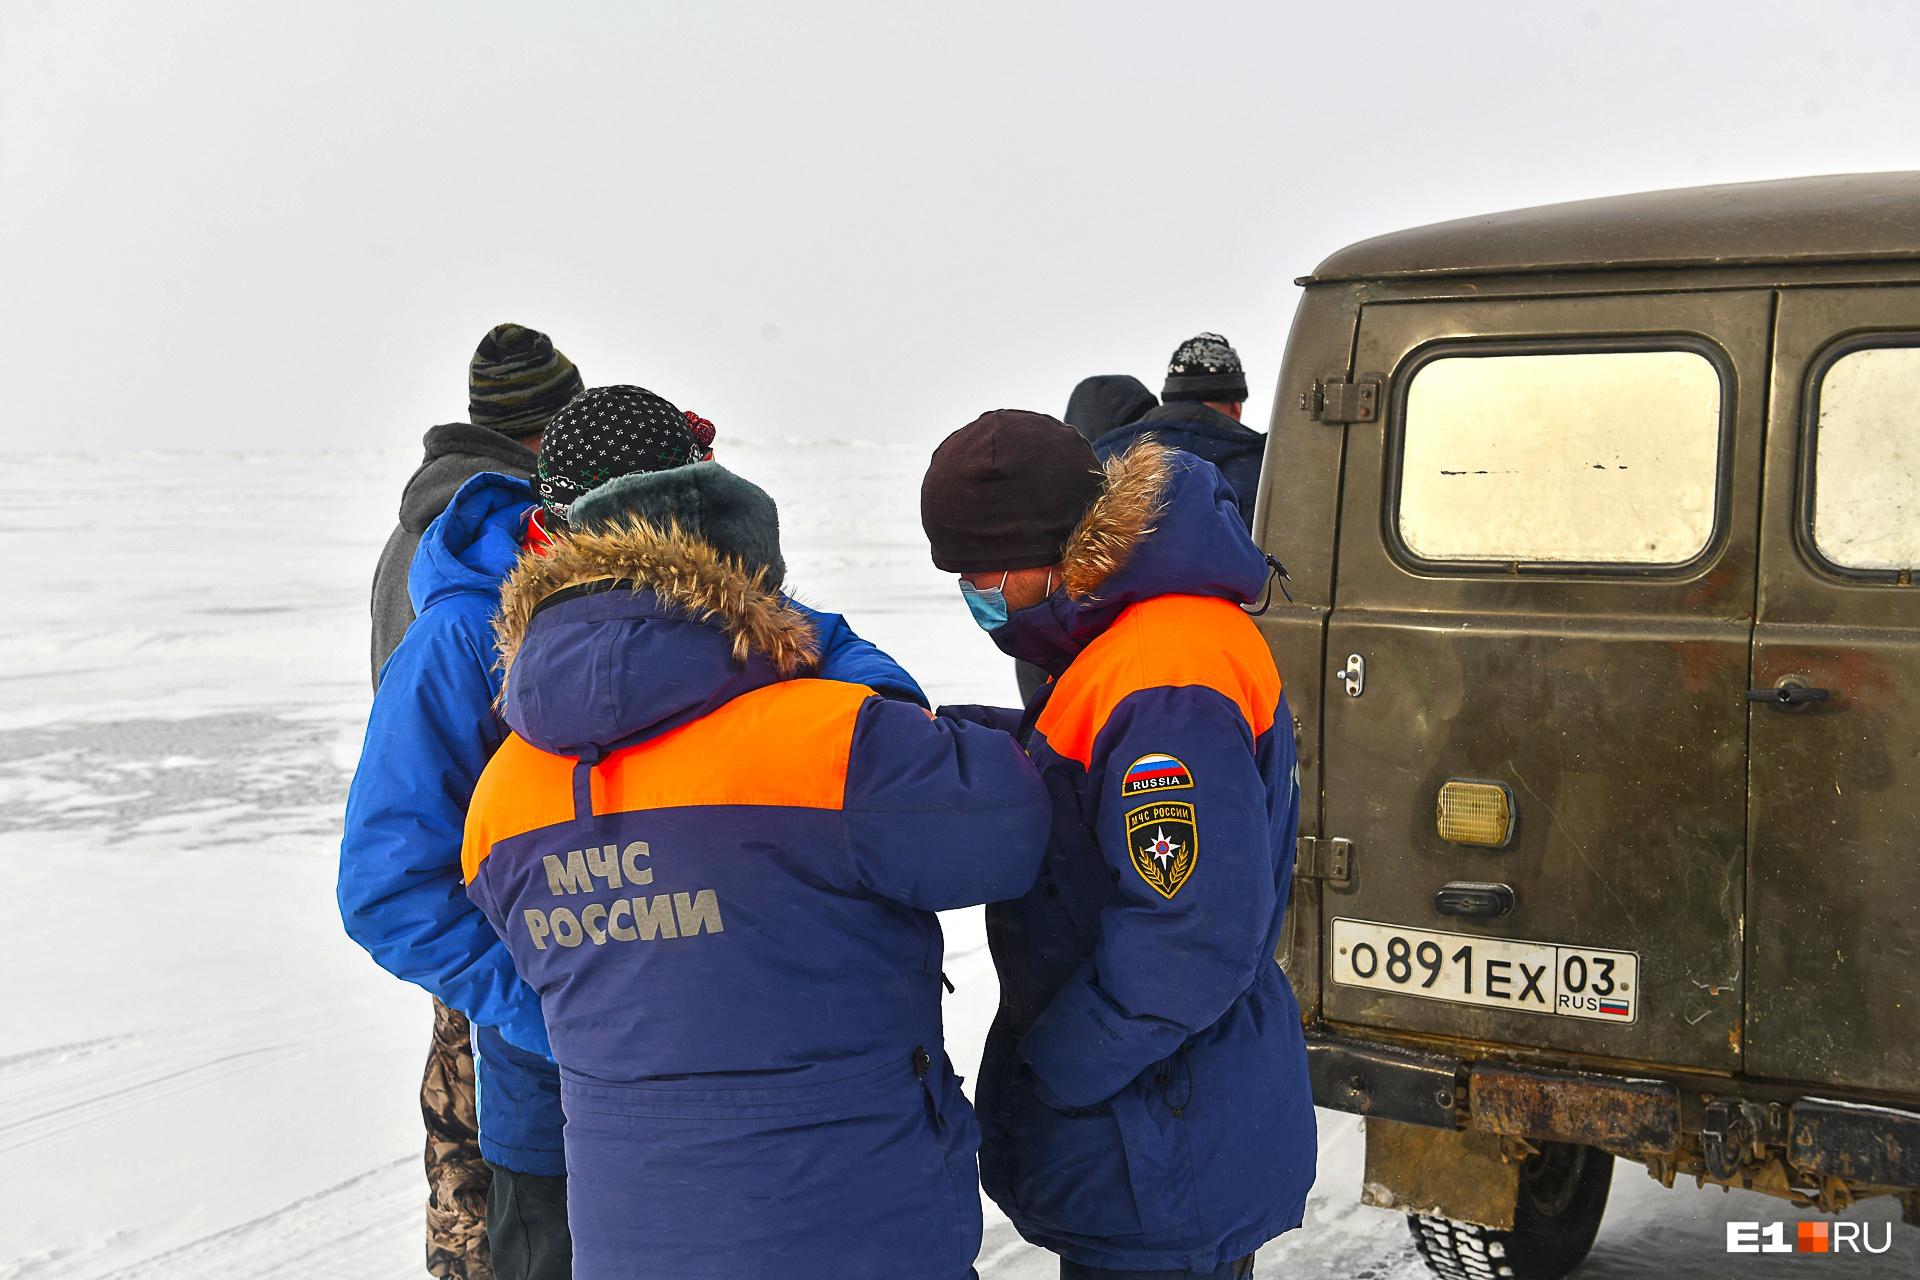 Путешествие по Баргузинскому заливу начинается с предупреждения от МЧС